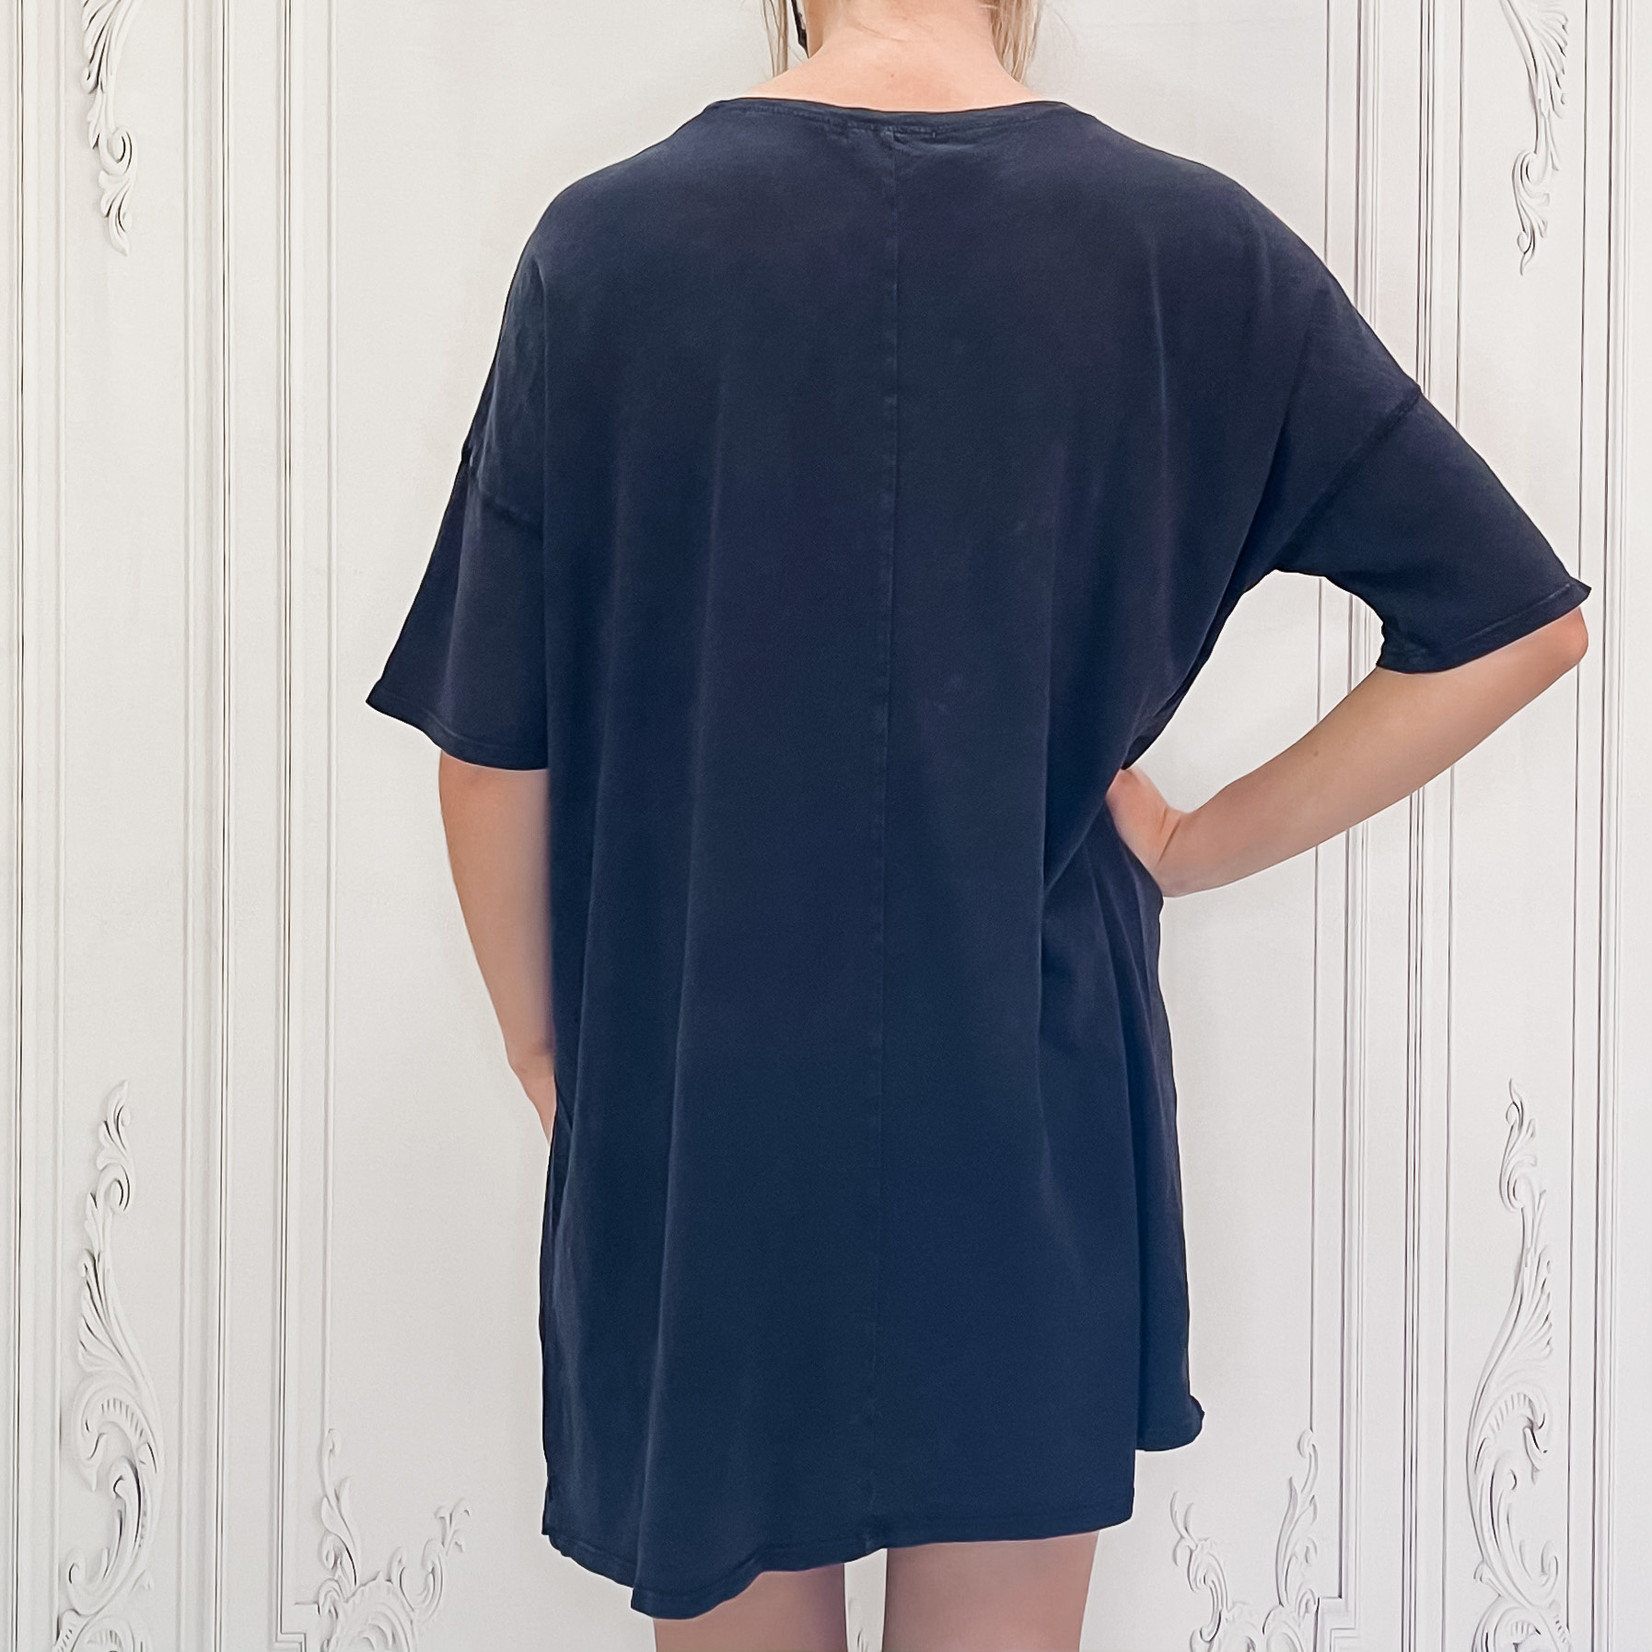 Dsupply - Delta slub t-shirt dress